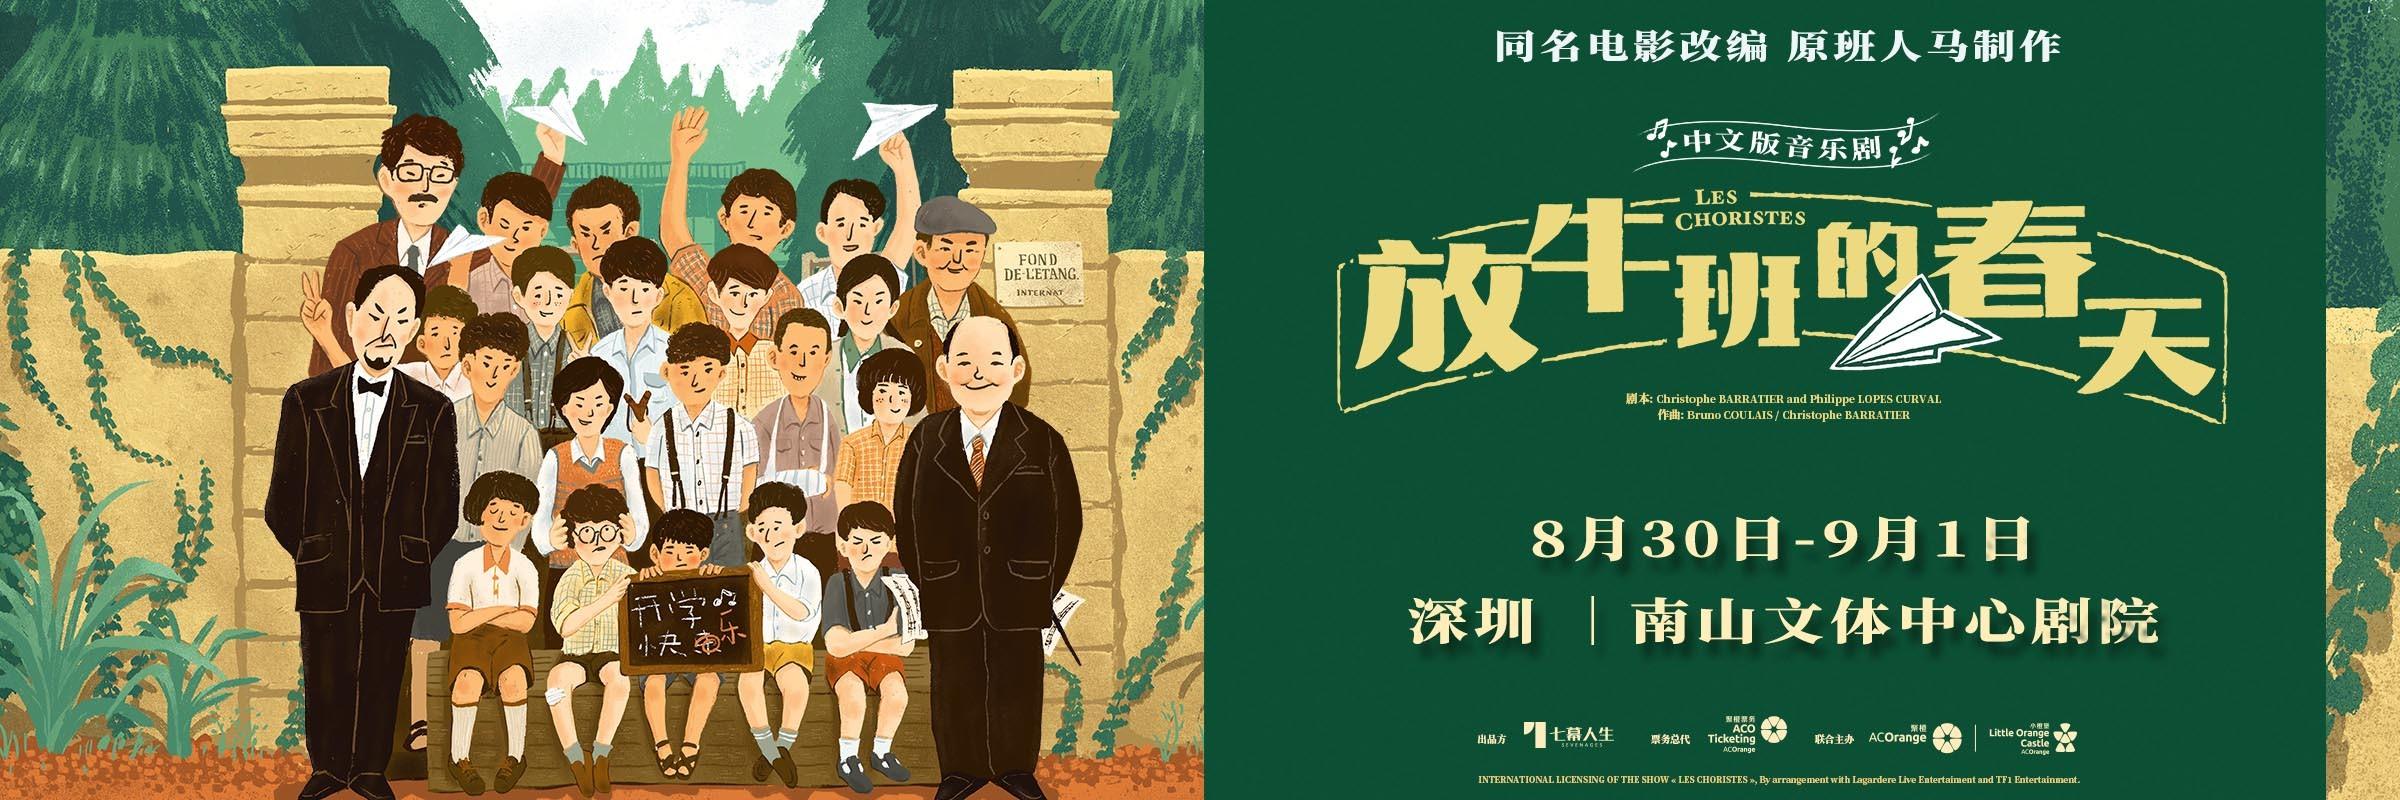 法国音乐剧《放牛班的春天?#20998;?#25991;版 暖心上演--深圳